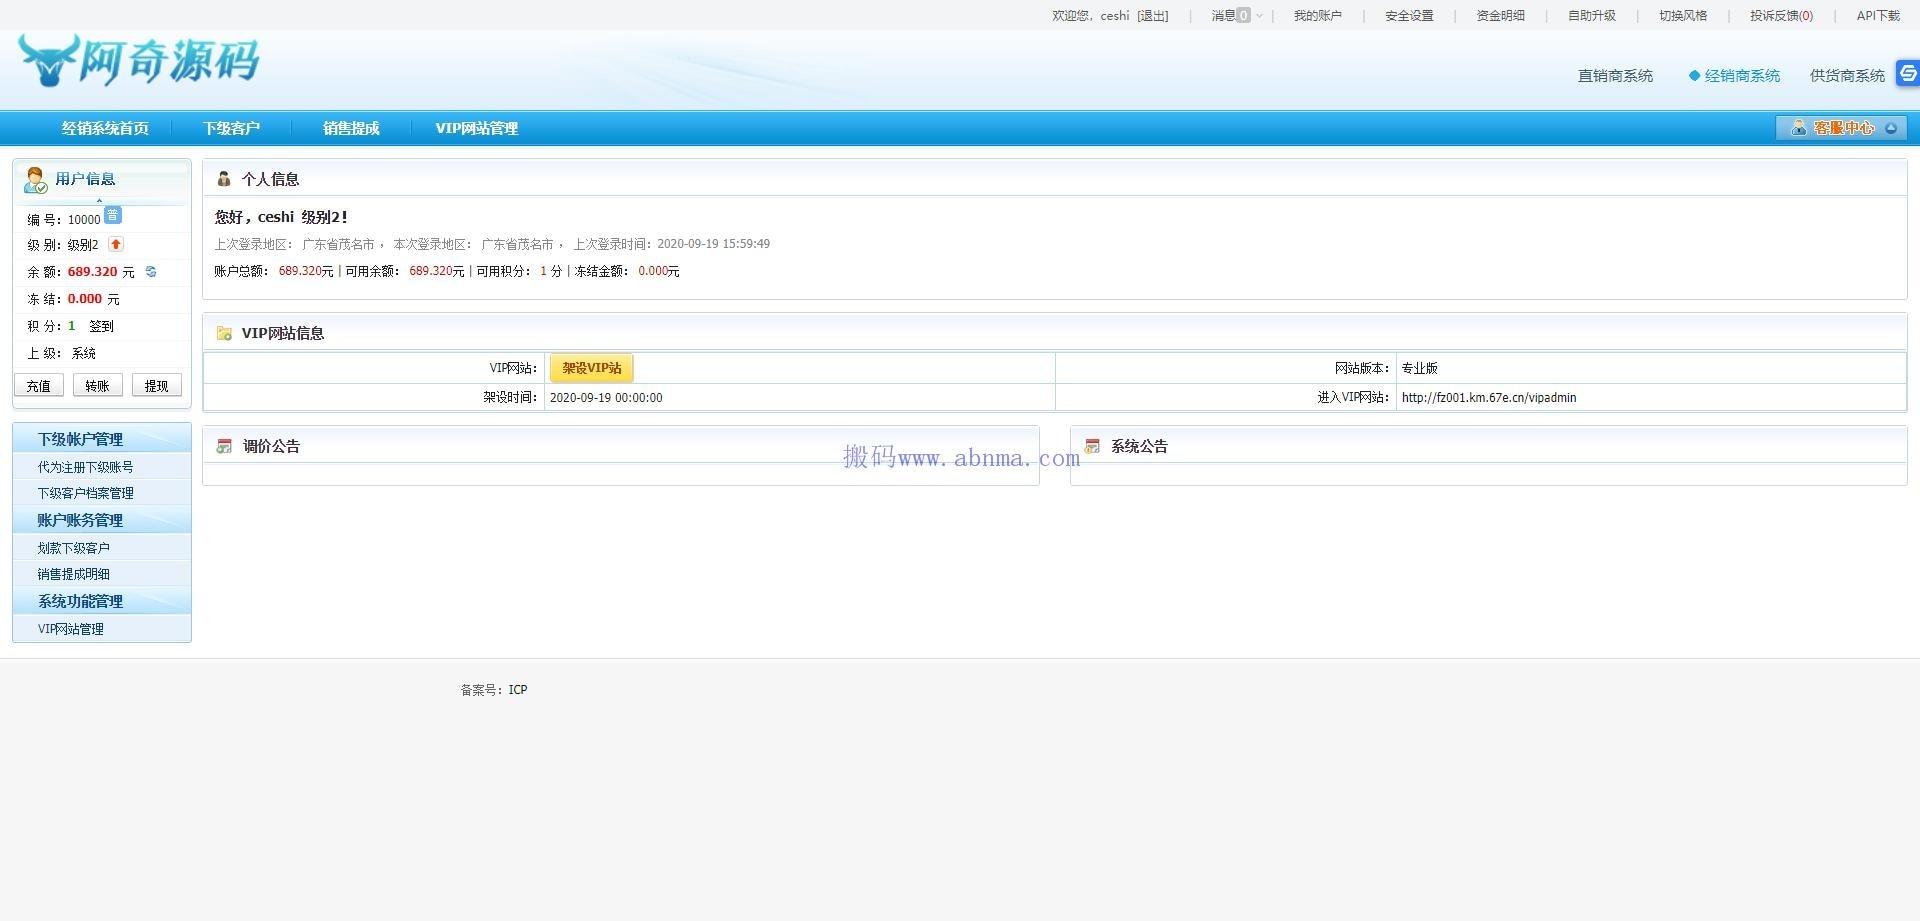 【卡盟源码秒卡购】运营级别卡盟系统源码支持API站对接站[带有SUP+商户+支持秒搭建主站]